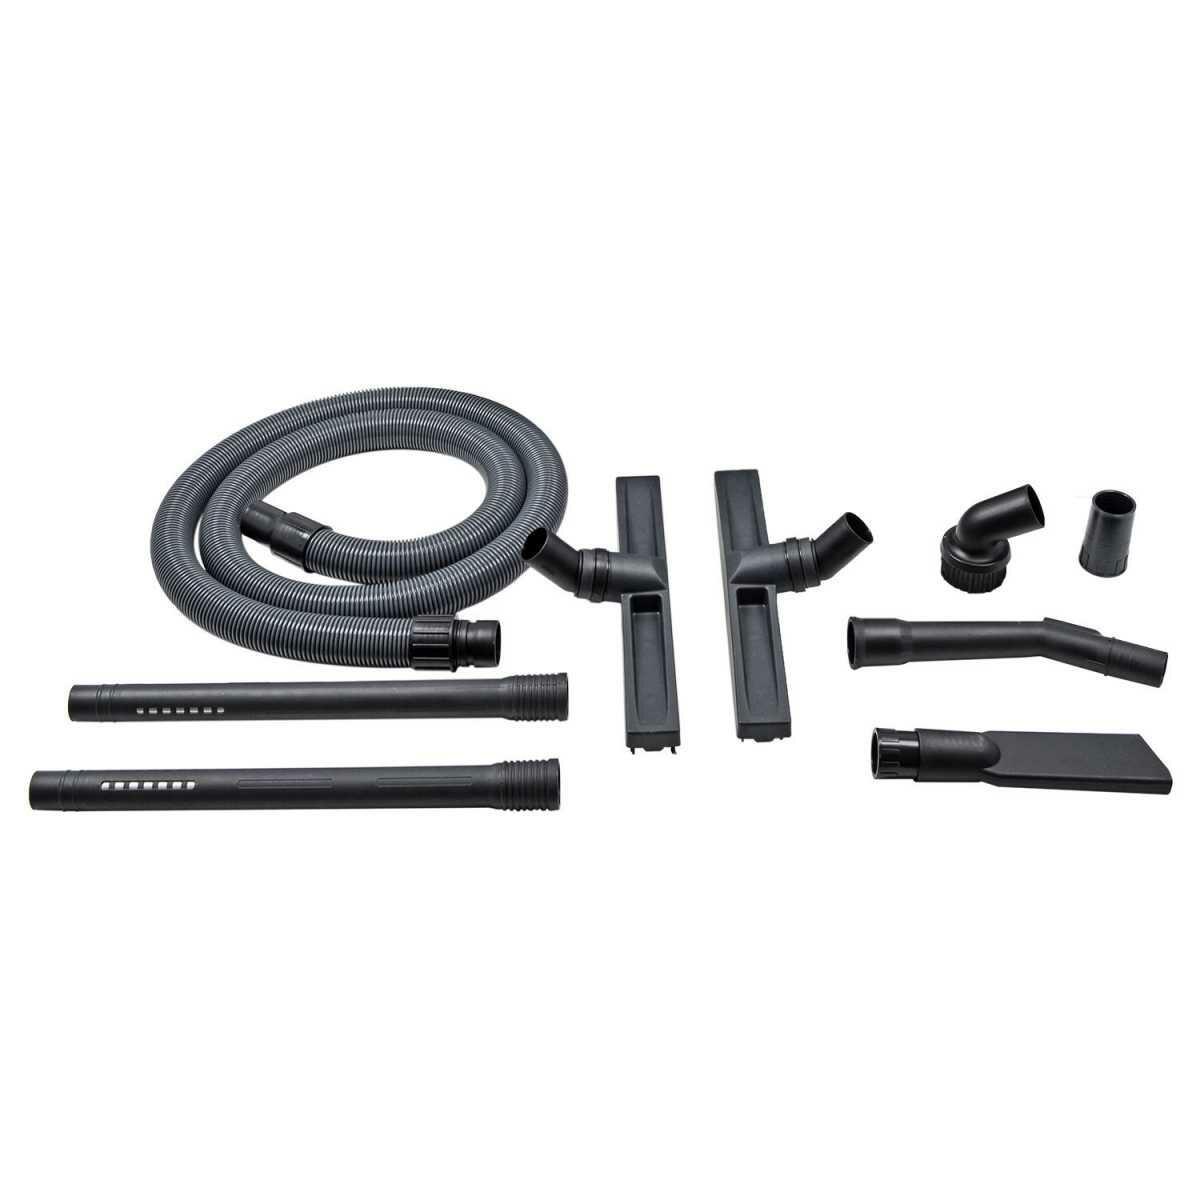 Aspirador de Pó e Líquidos 2400W 220V A262-220 Ipc Soteco